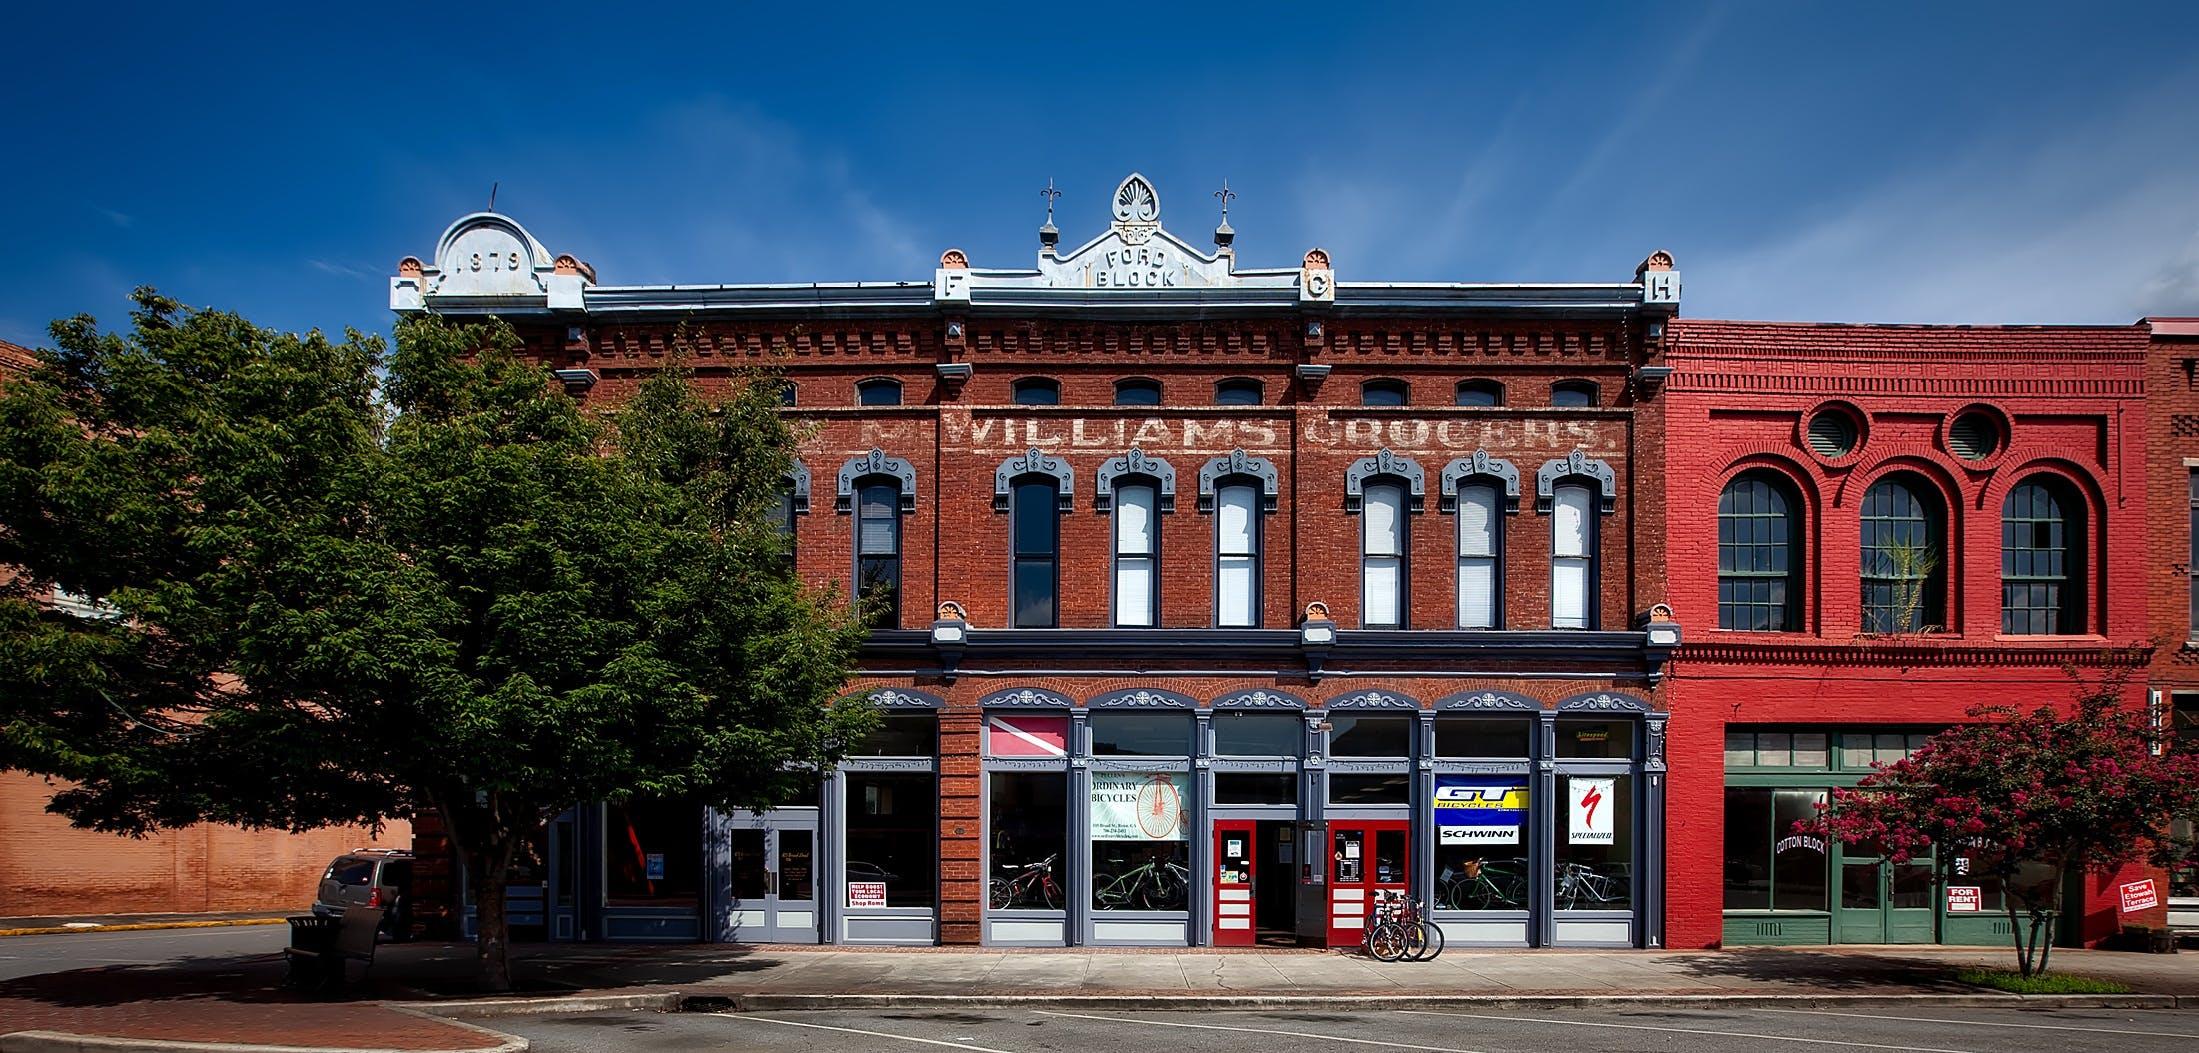 Gratis lagerfoto af årgang, arkitektur, butikker, by